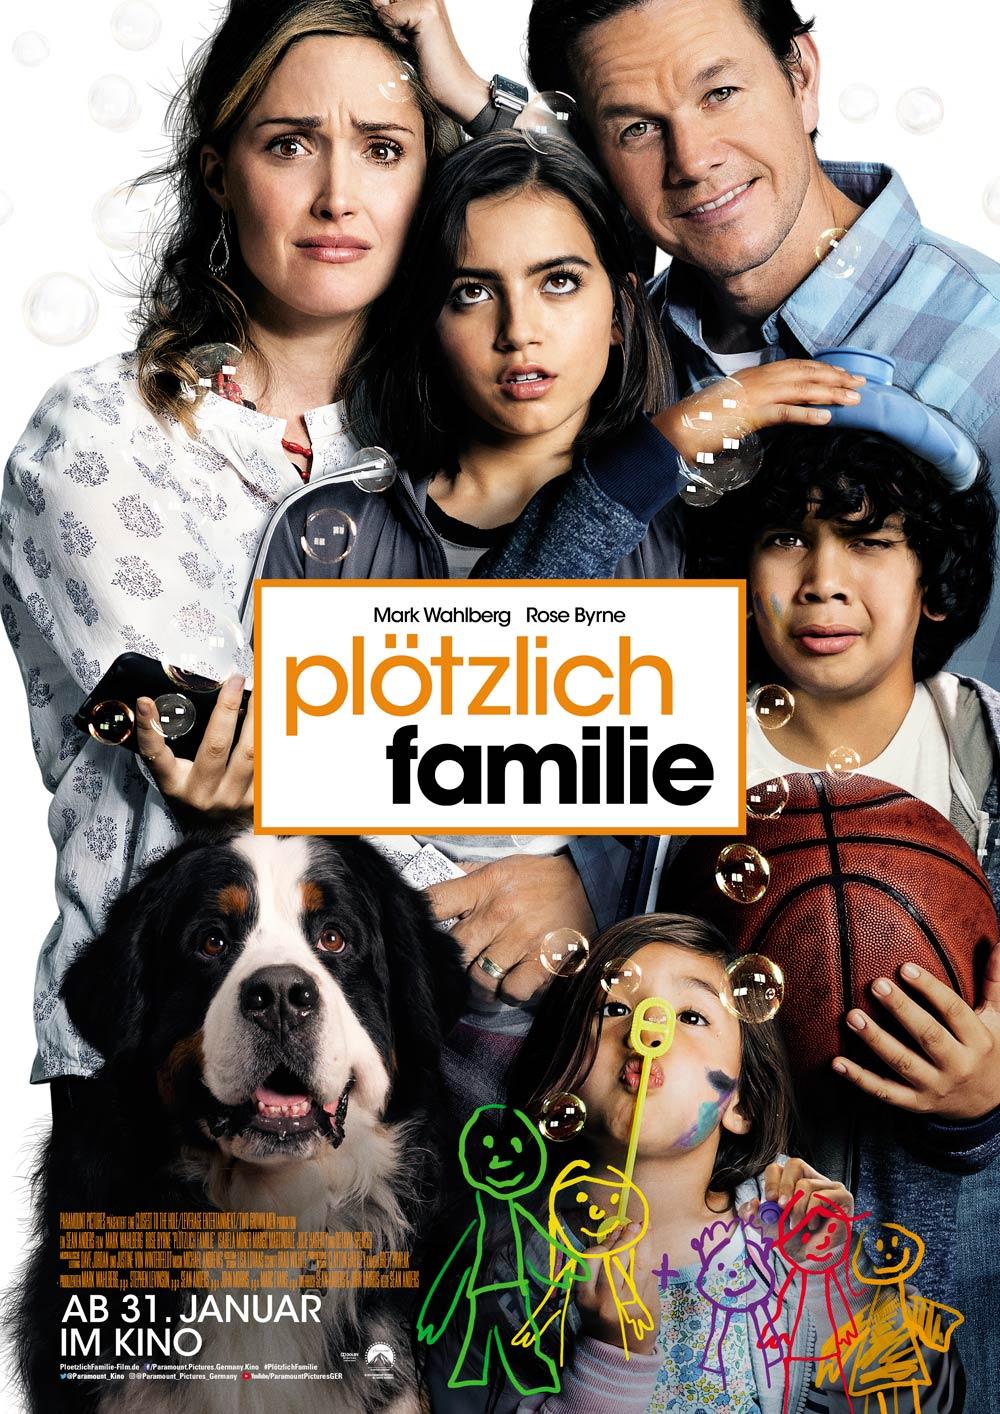 Plötzlich Familie Film (2018), Kritik, Trailer, Info ...